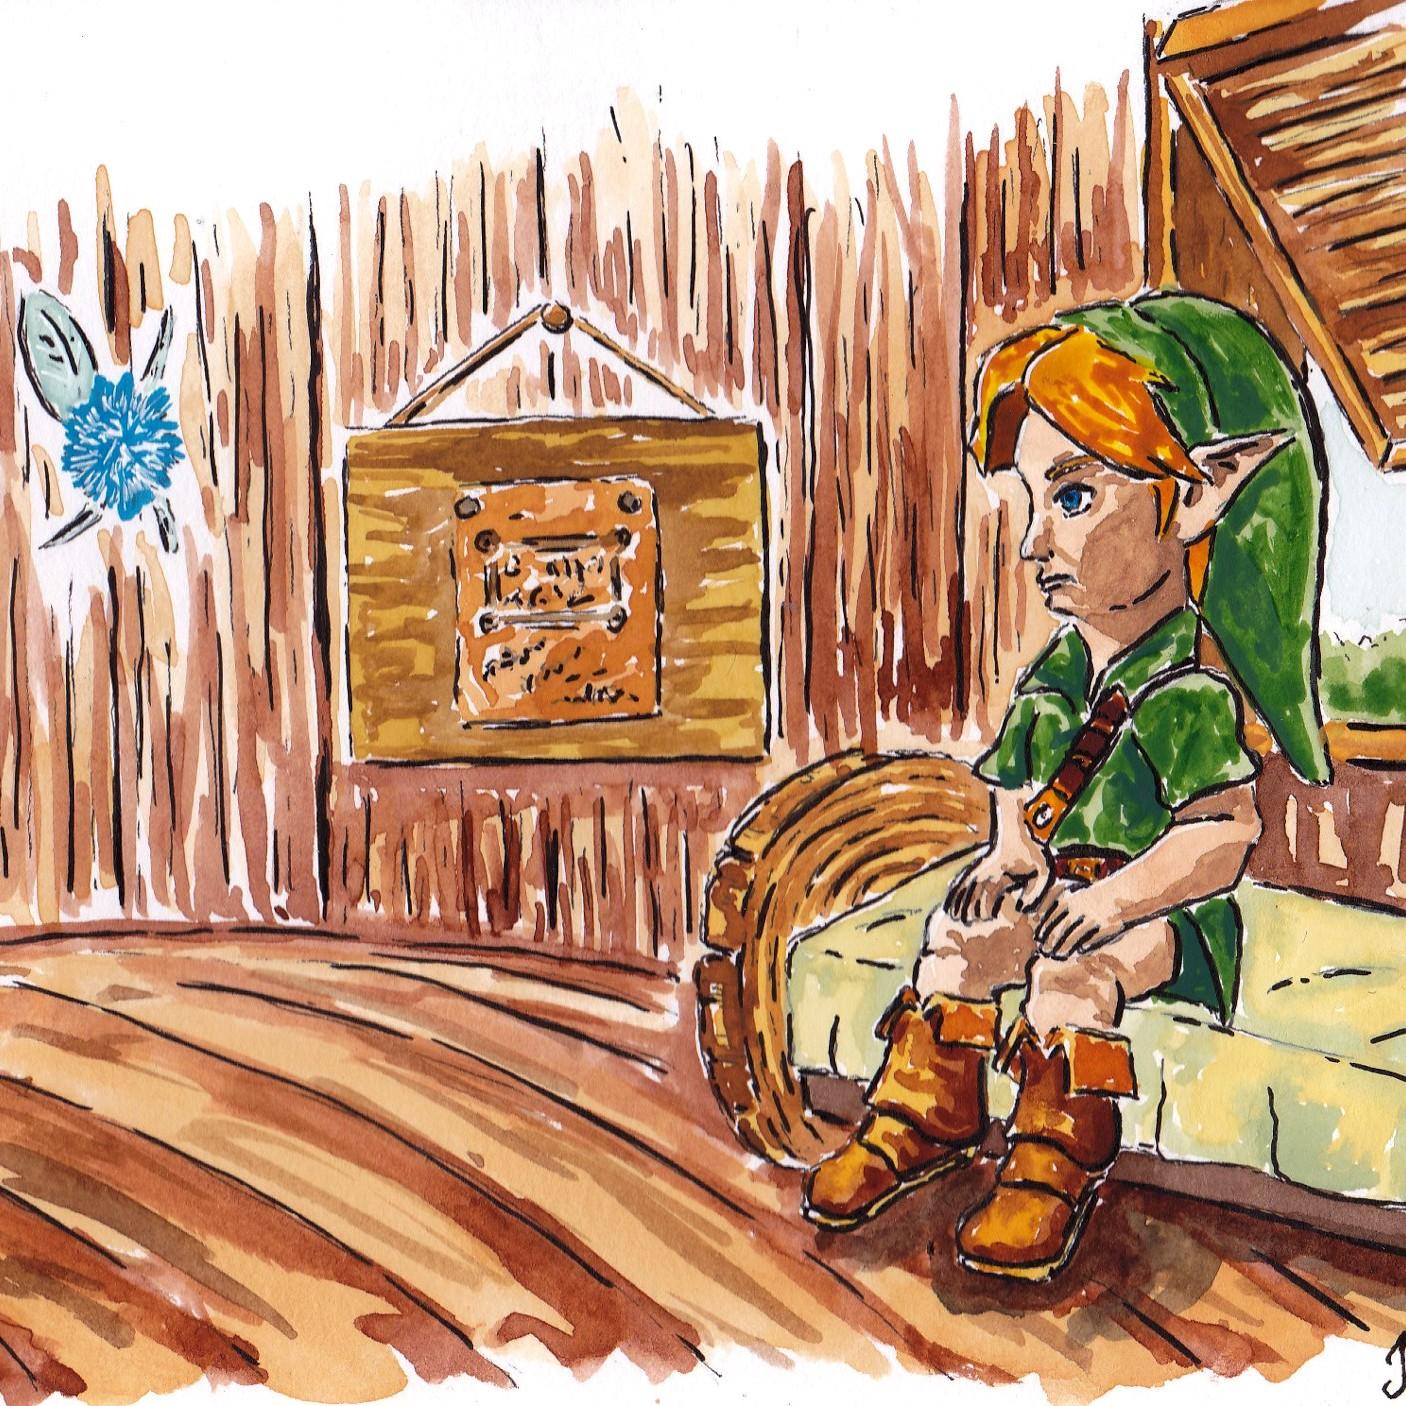 legend of zelda - art - illustration - drawing - painting - link - jglover - fantasy